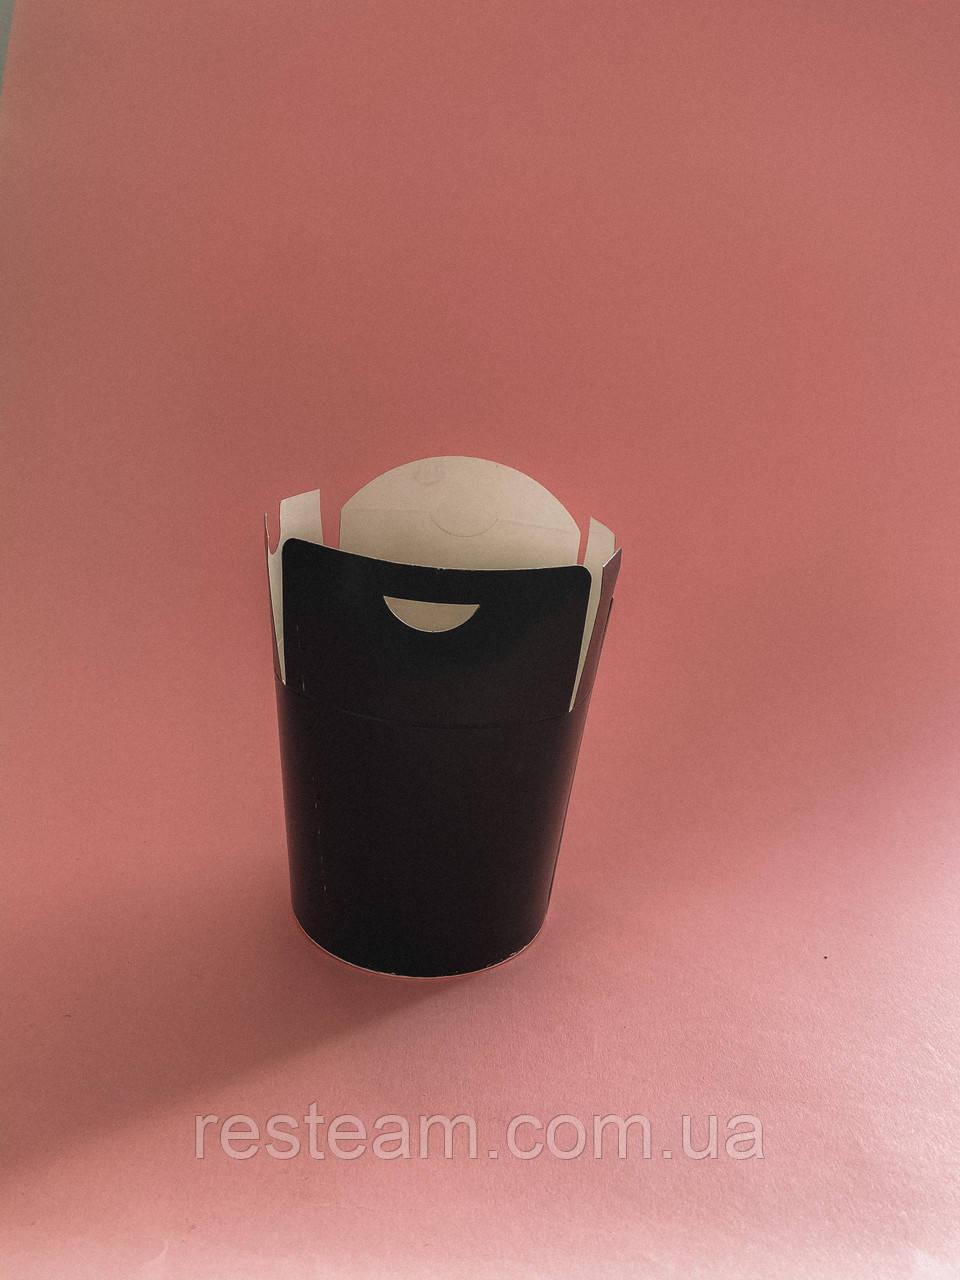 Коробка бумажная (лапша) ФЛТ 500мл черная 50/уп 500/ящ